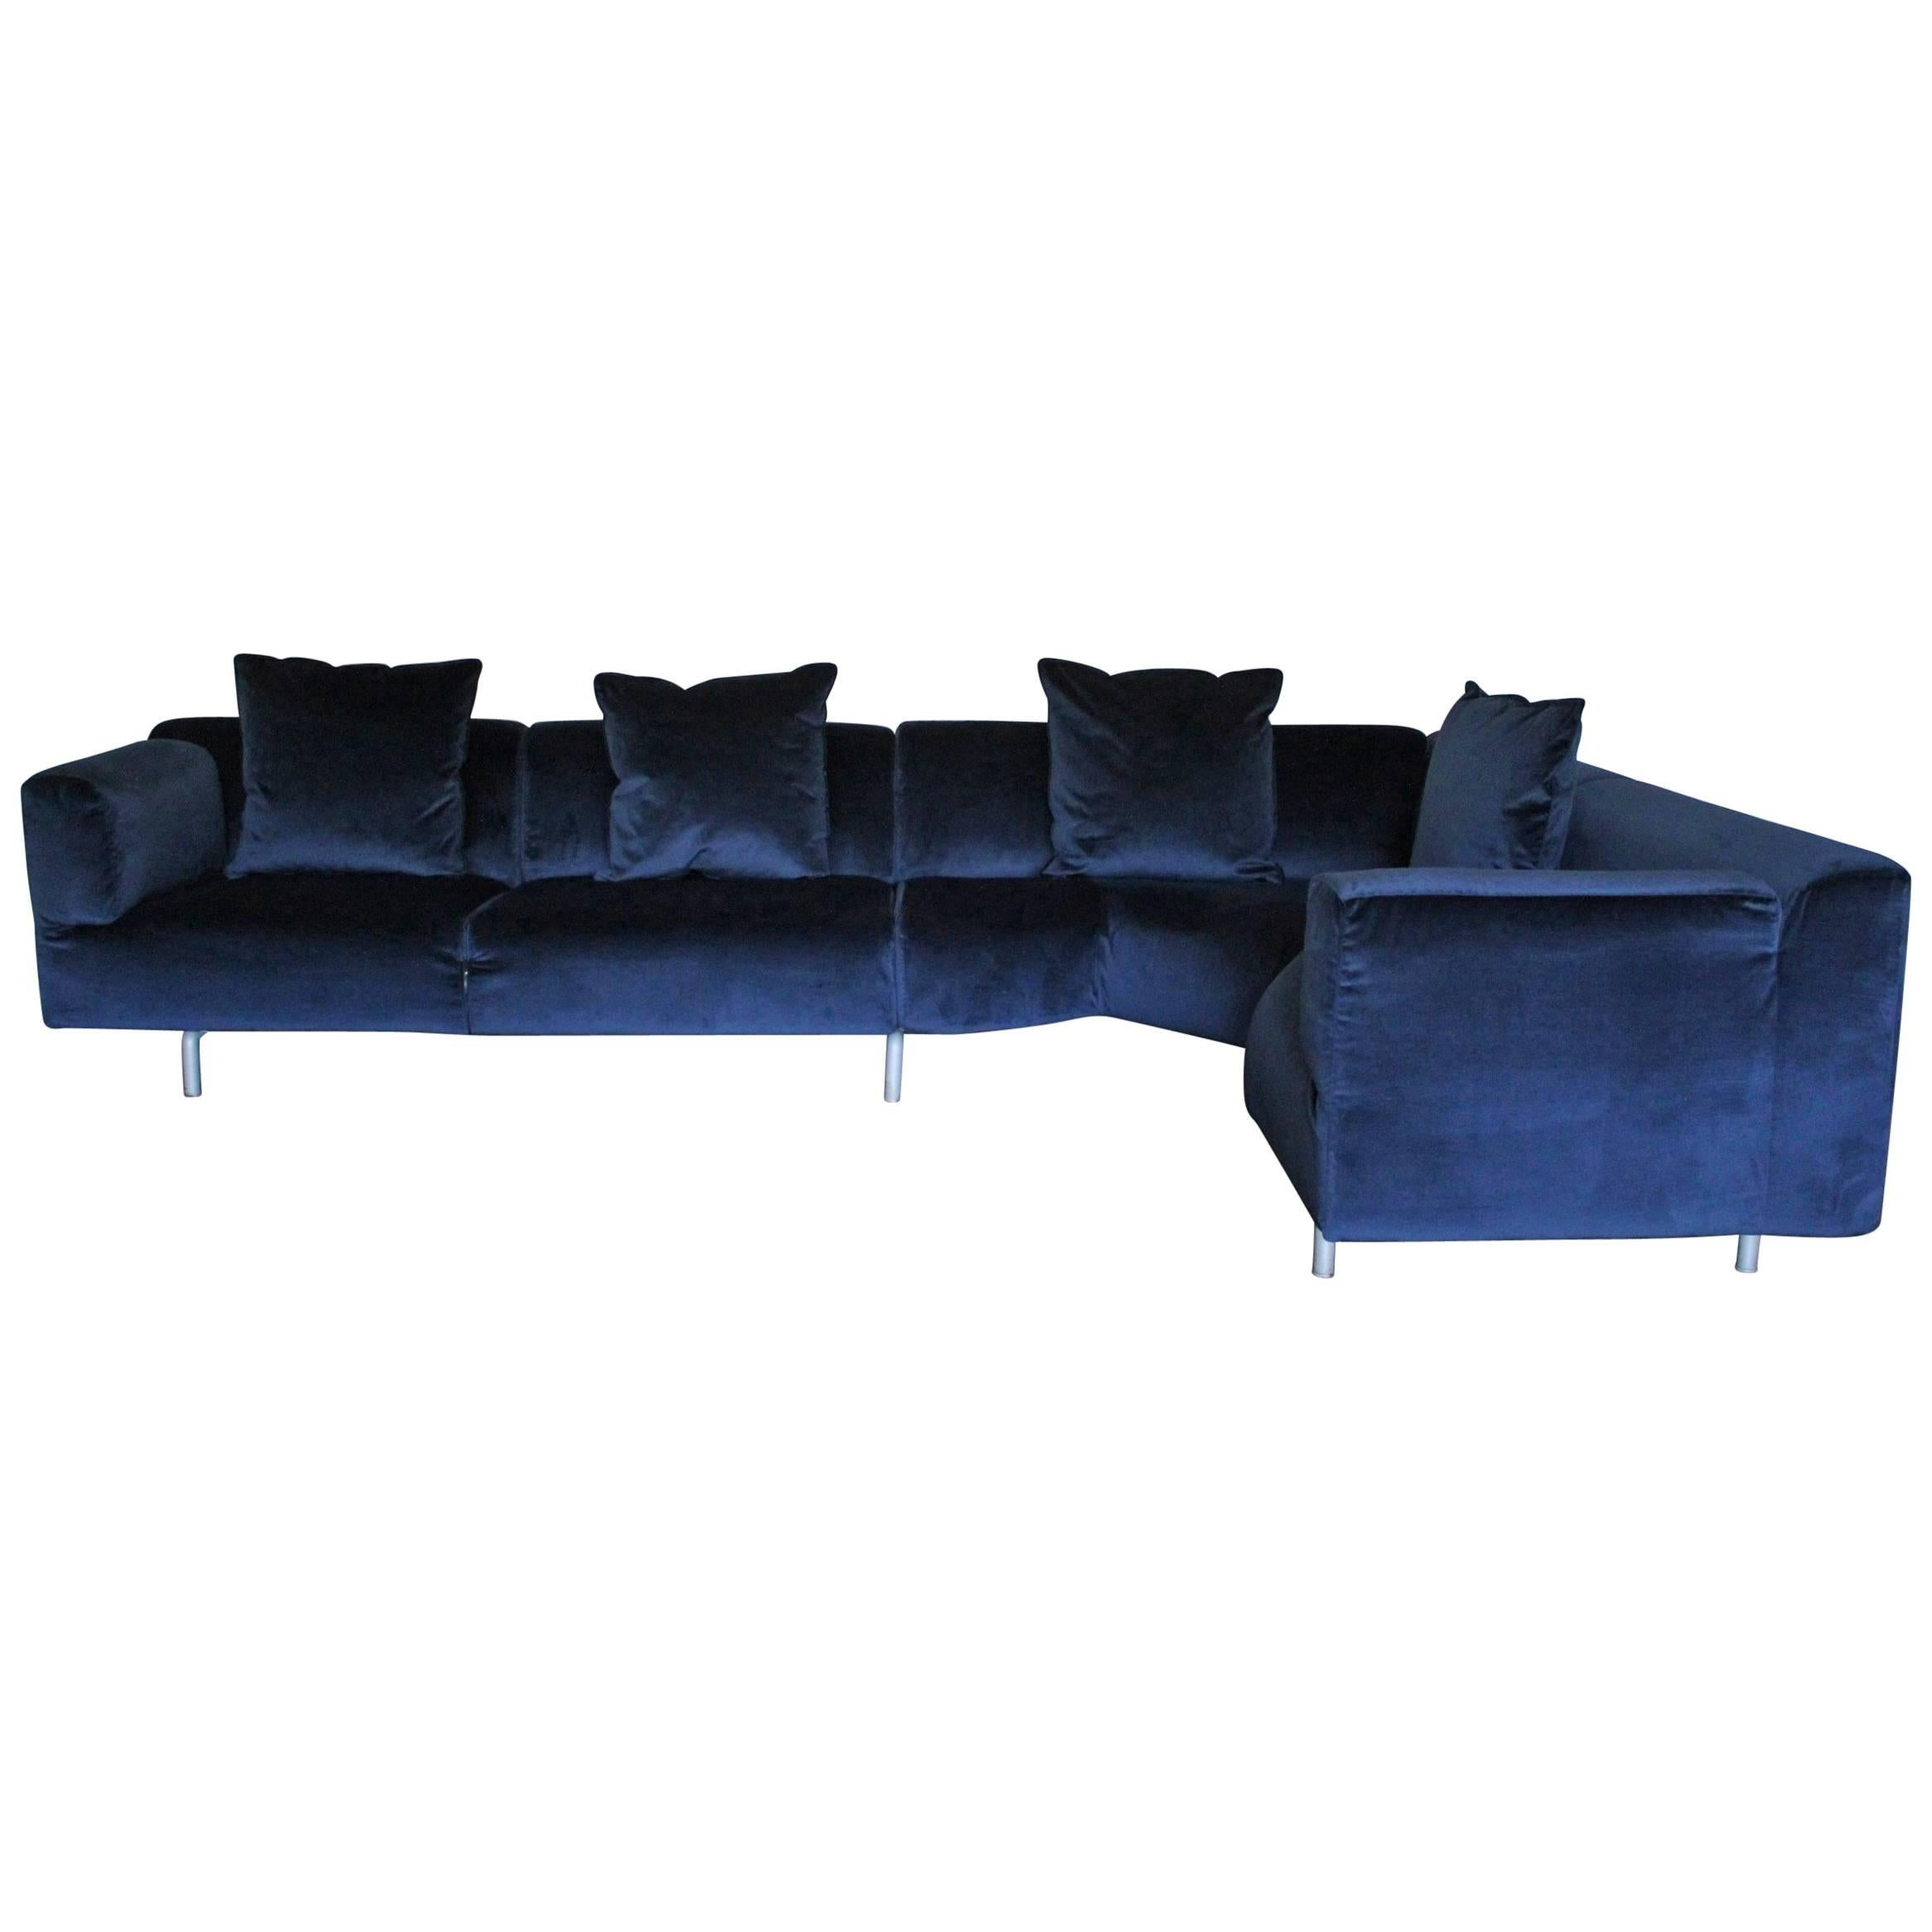 cassina 250 met l shape sectional sofa in navy blue velvet